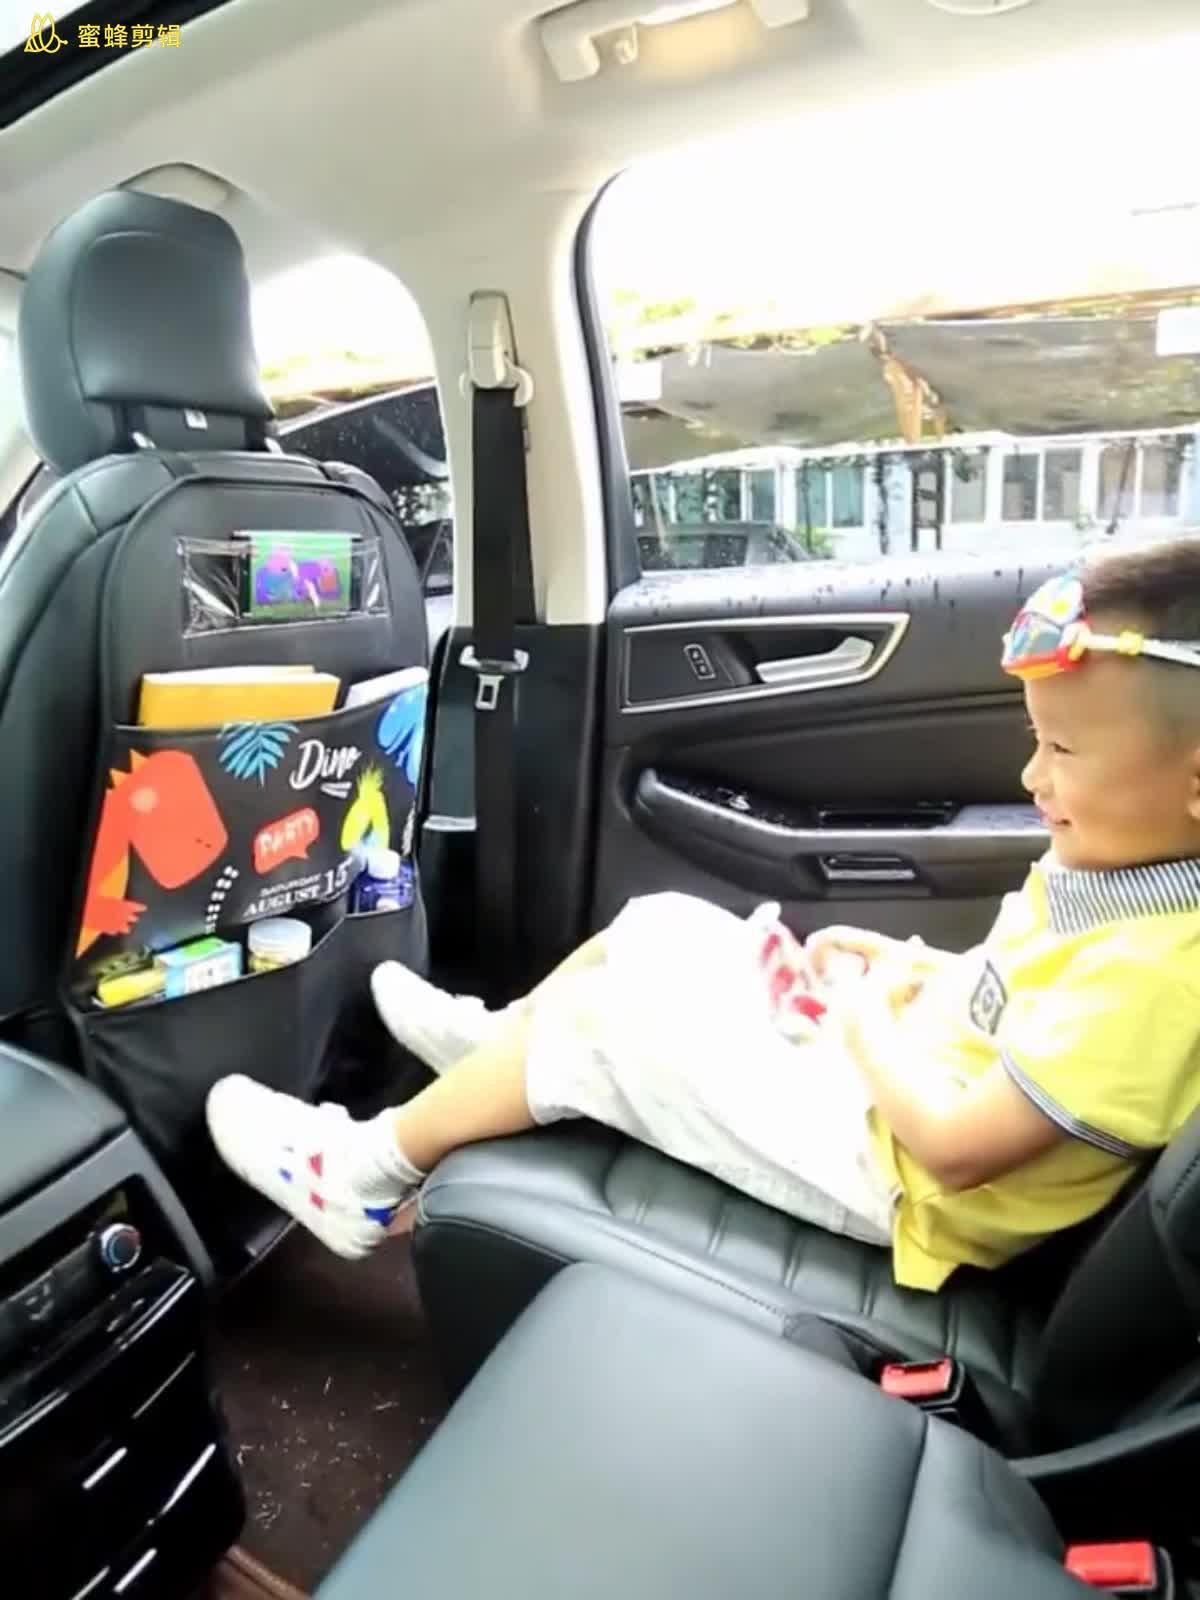 2020 otomobil arka koltuğu düzenleyici asılı dekorasyon çantası çocuklar arka depolama ön araba arka koltuk depolama organizatör araba aksesuarları